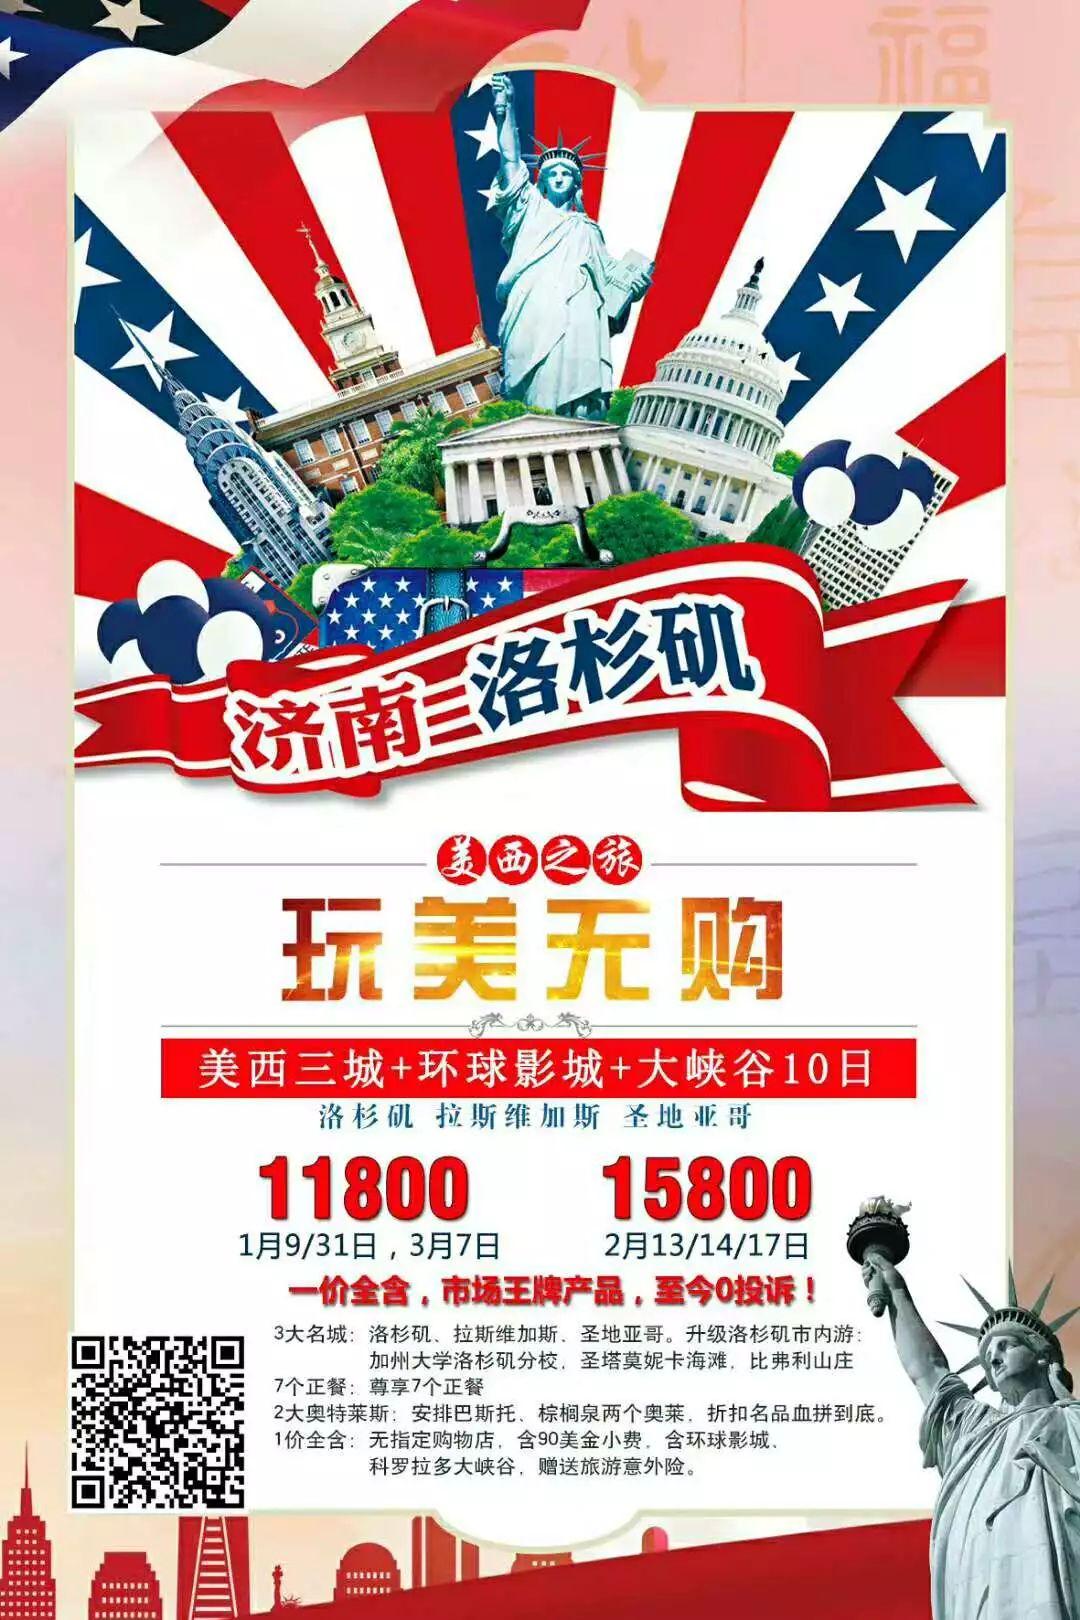 老外们为了过中国新年也是拼了